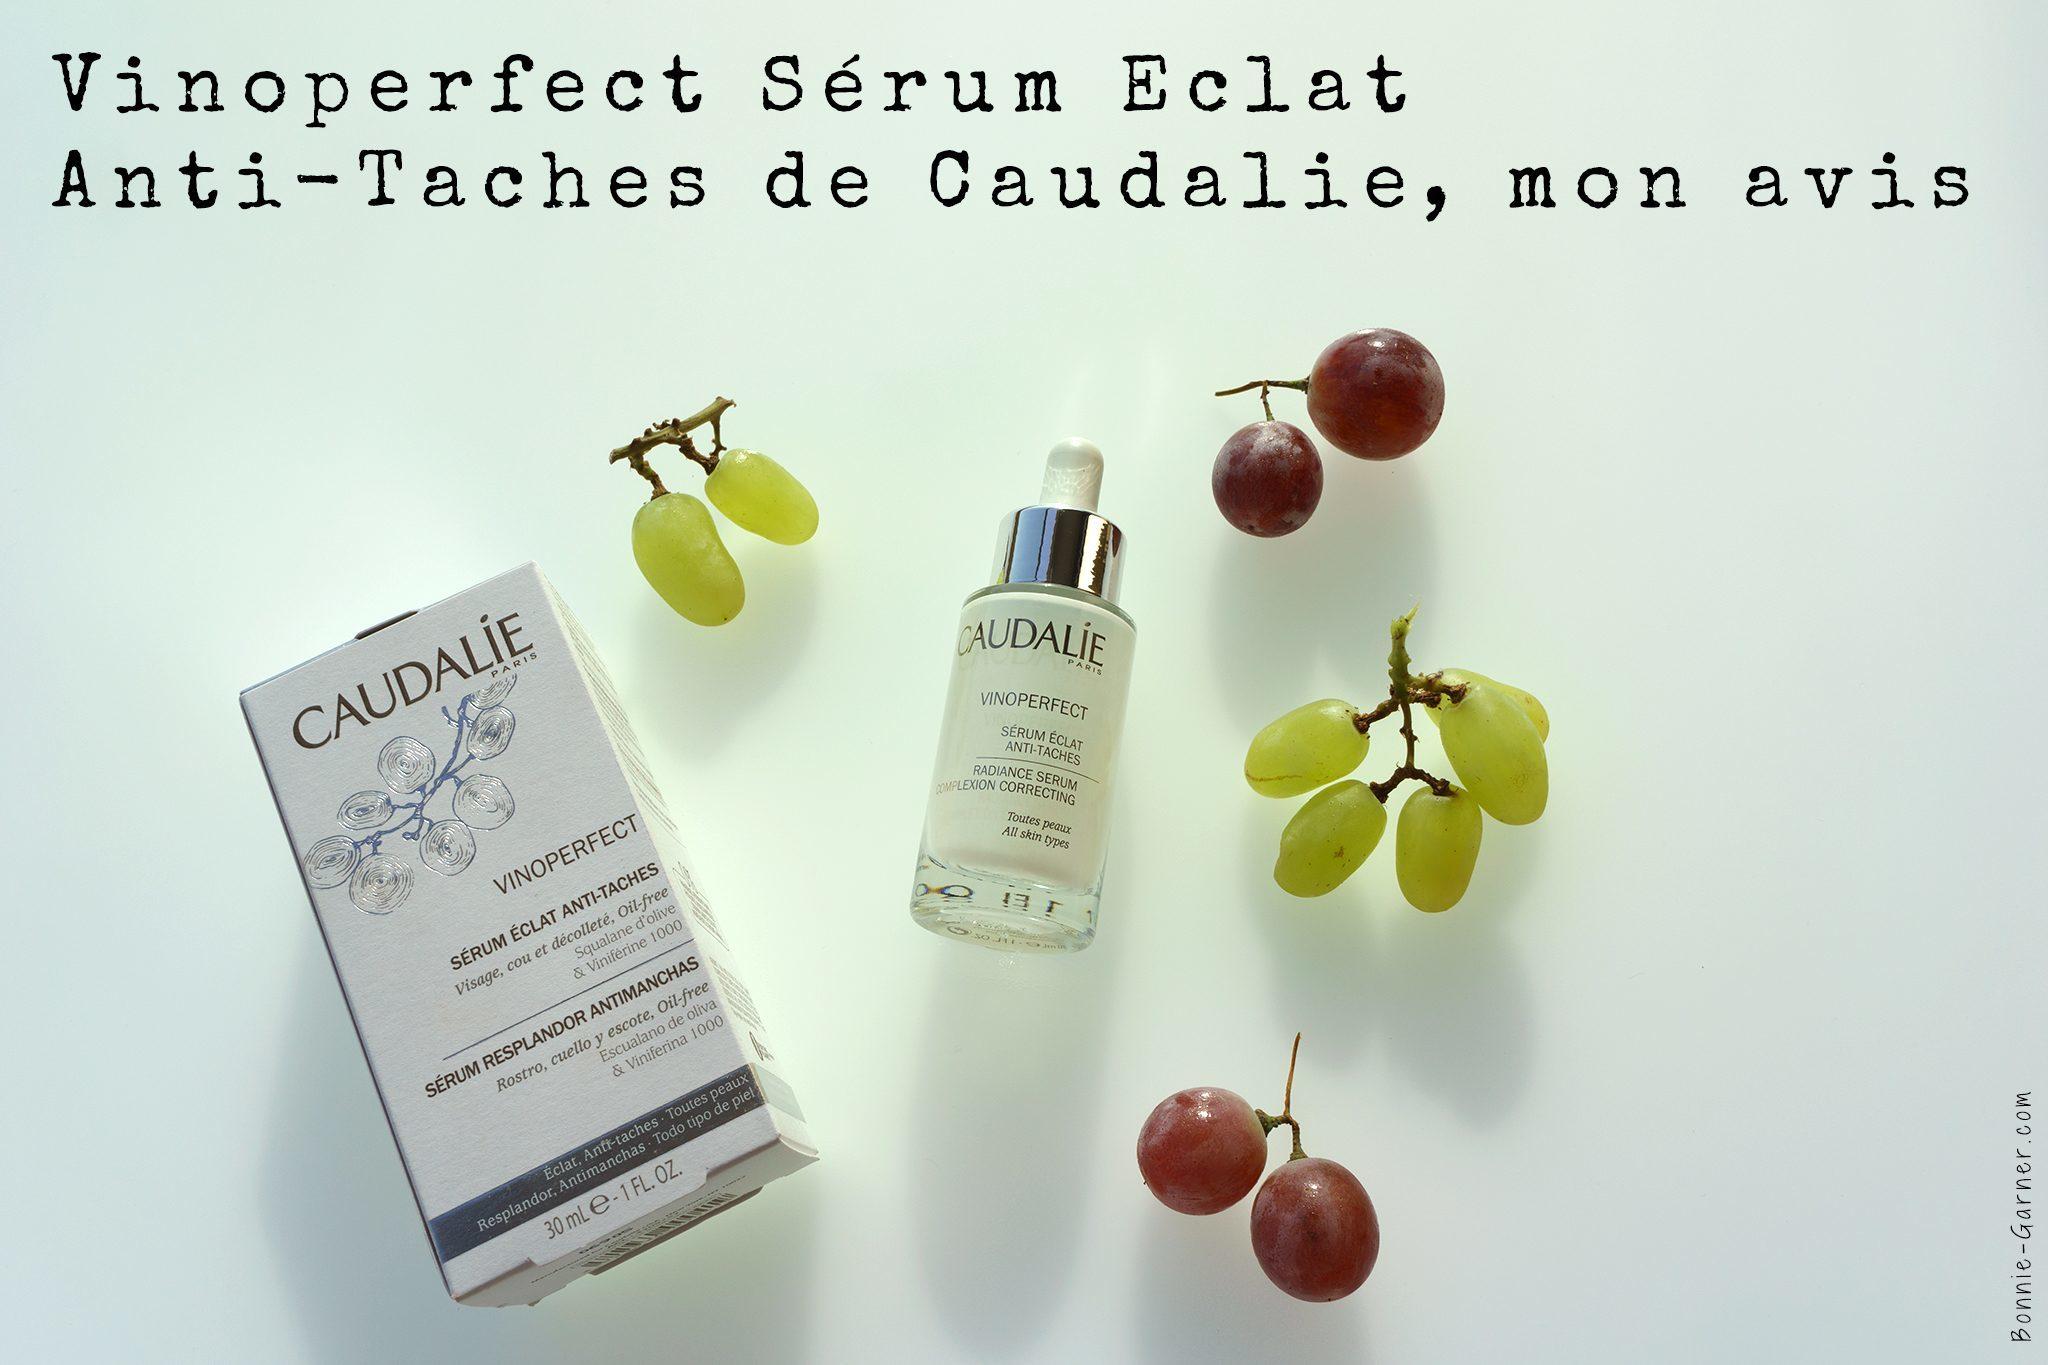 Vinoperfect Serum Eclat Anti-Taches de Caudalie, mon avis